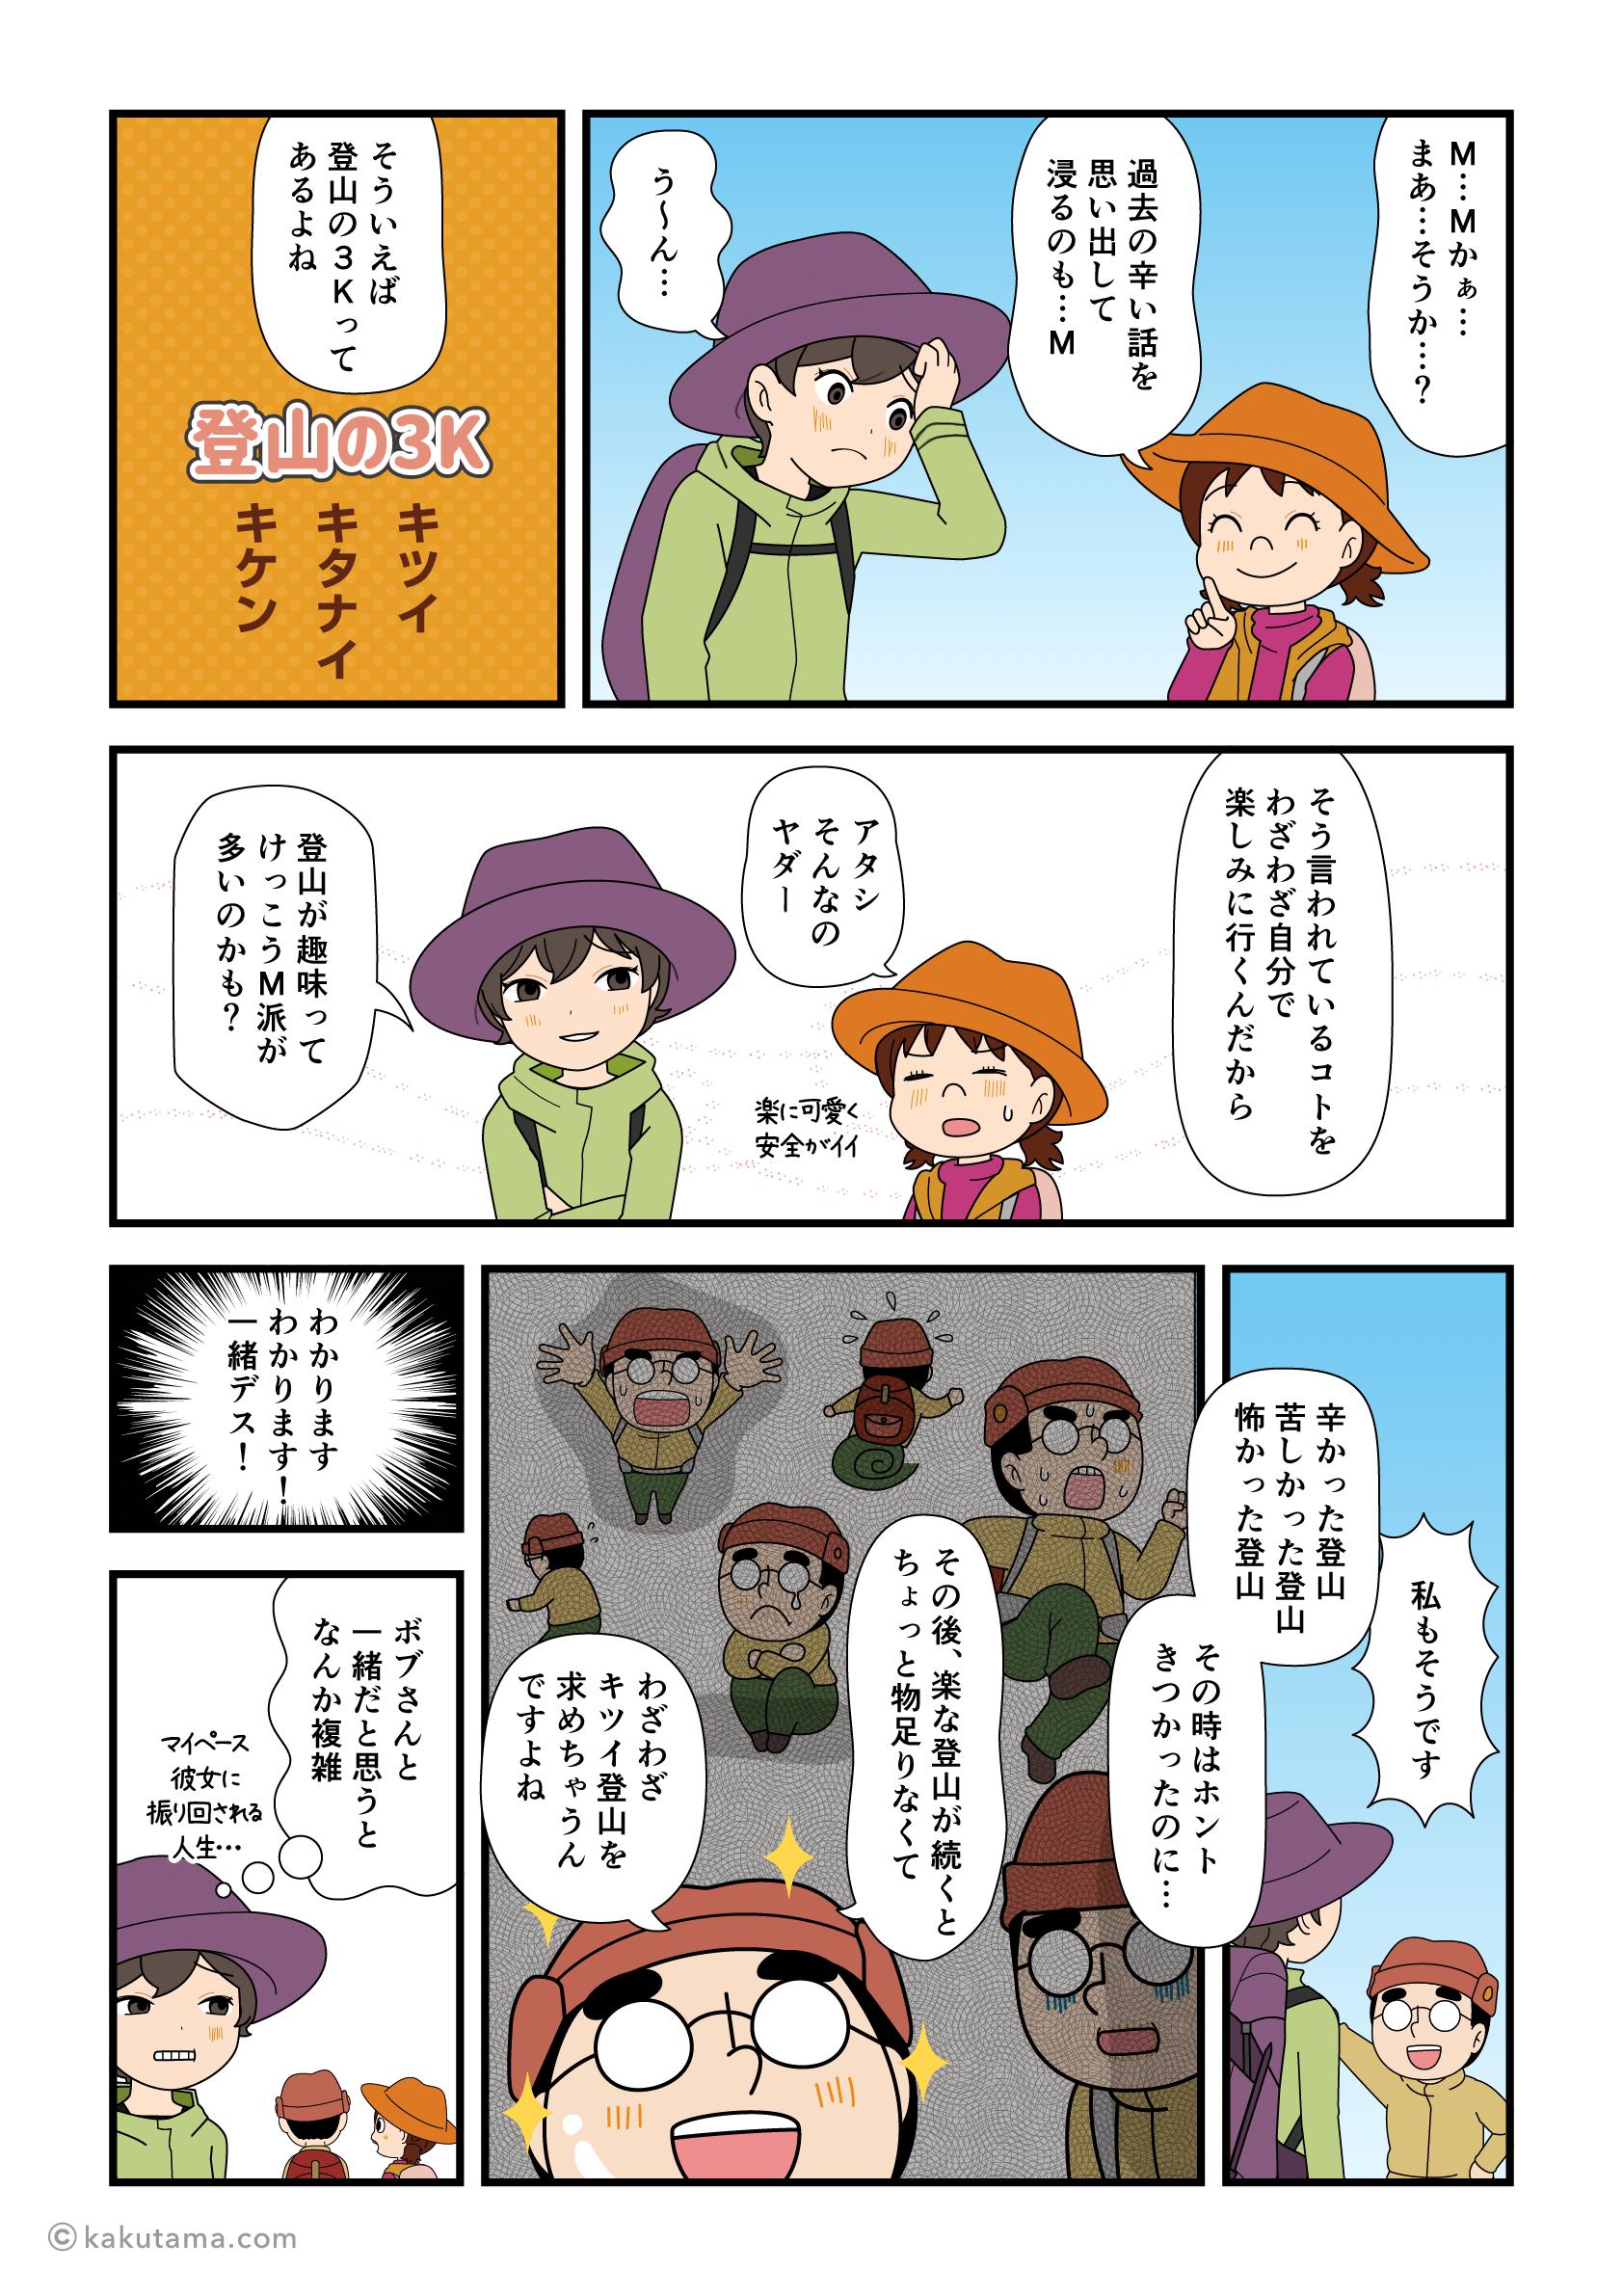 登山の3Kの話をする漫画